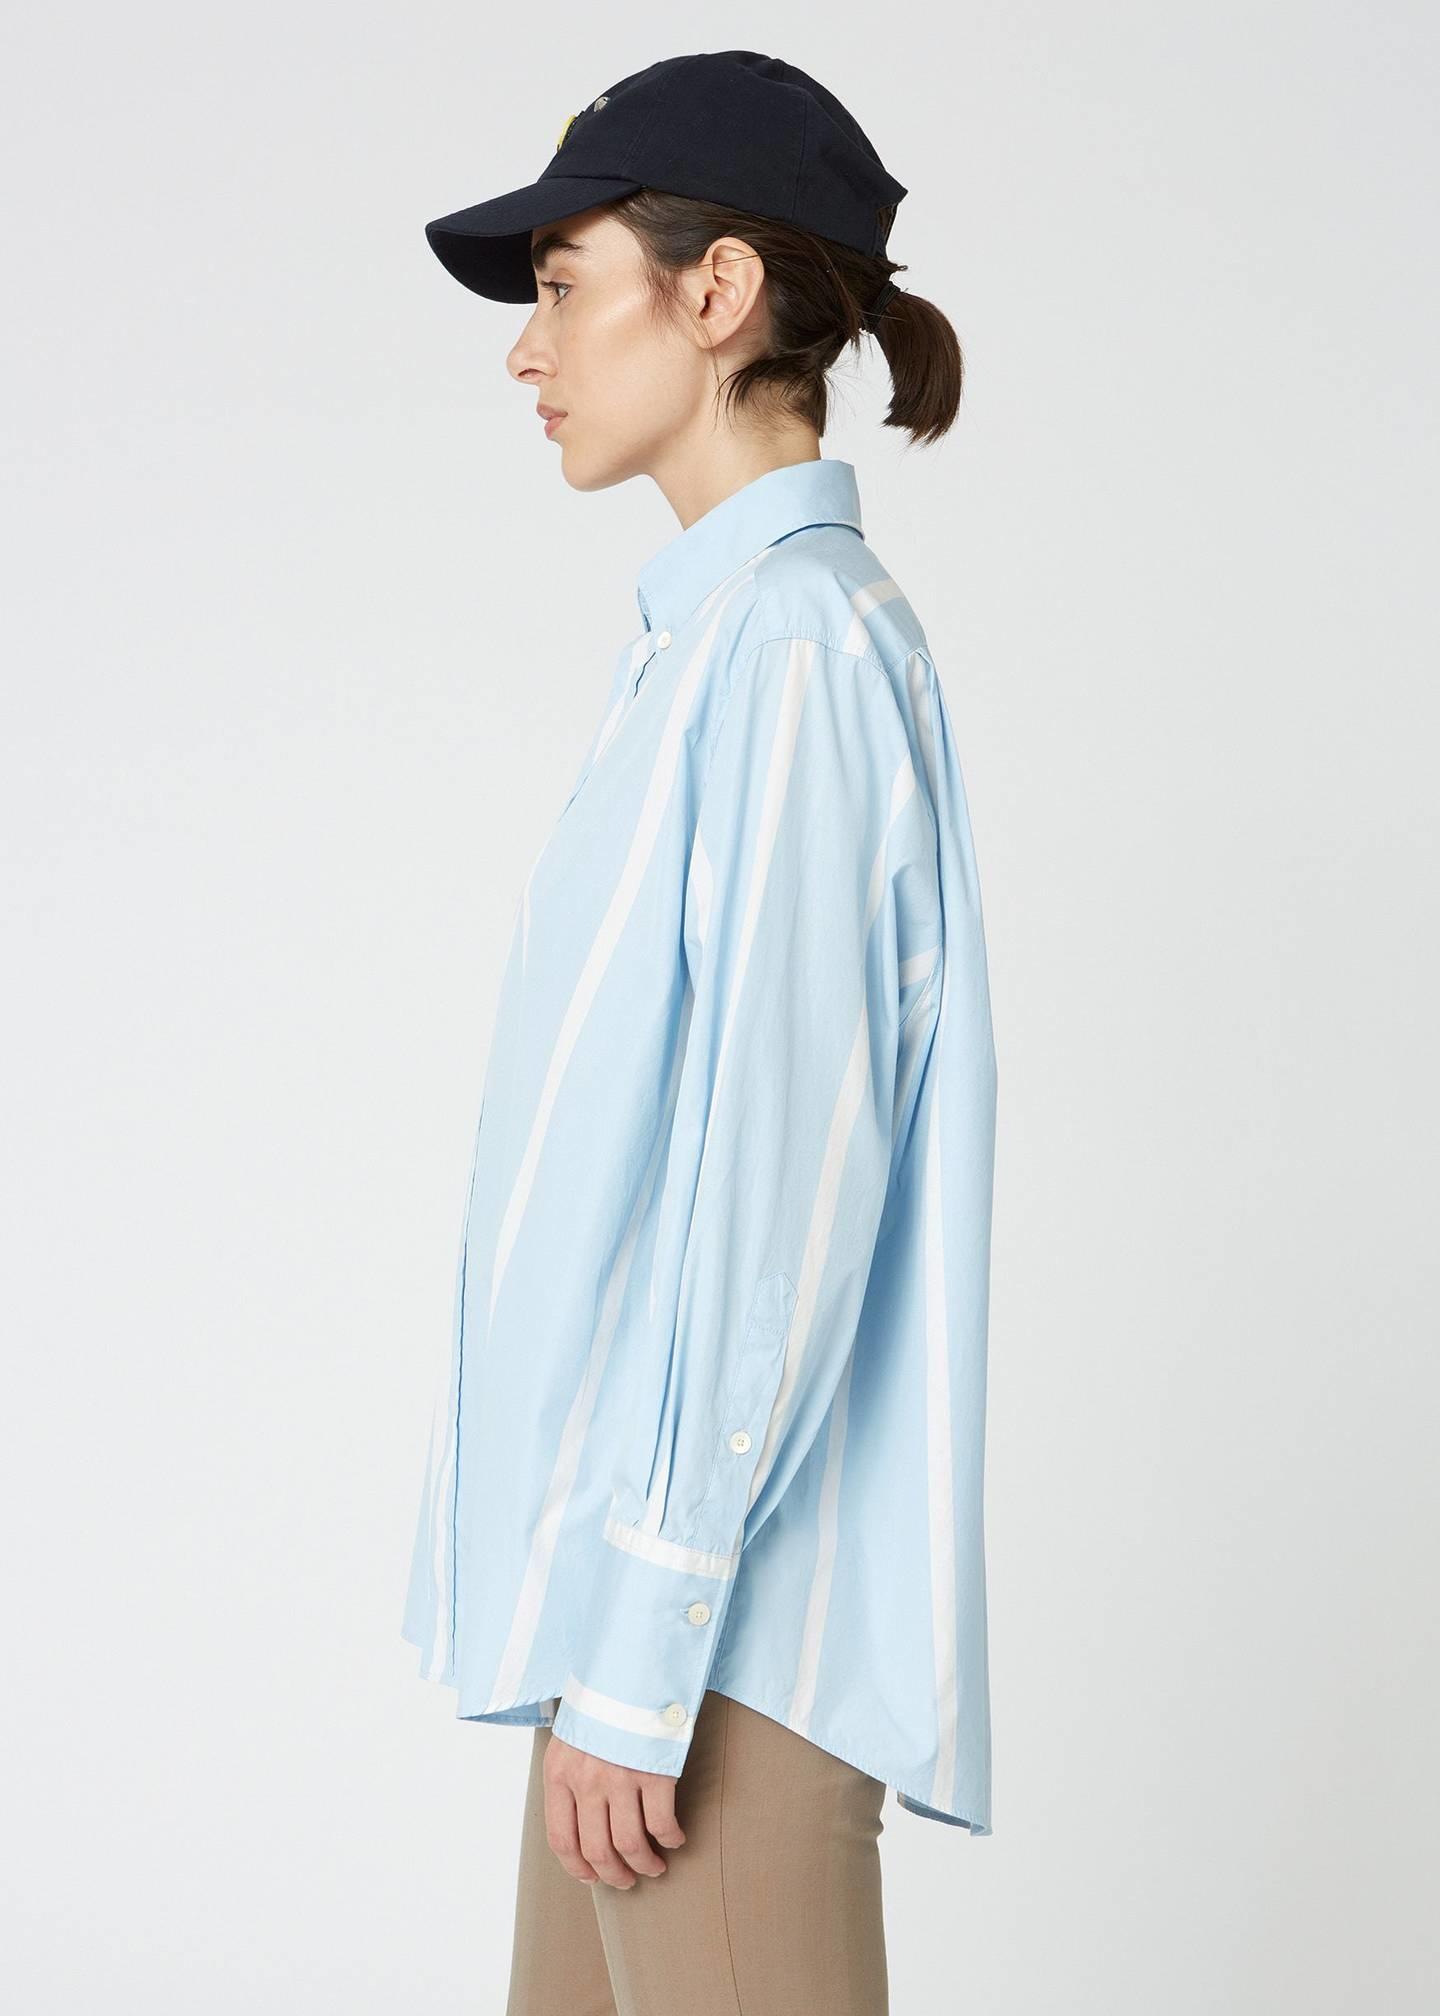 Trip BD Shirt Dusty Blue